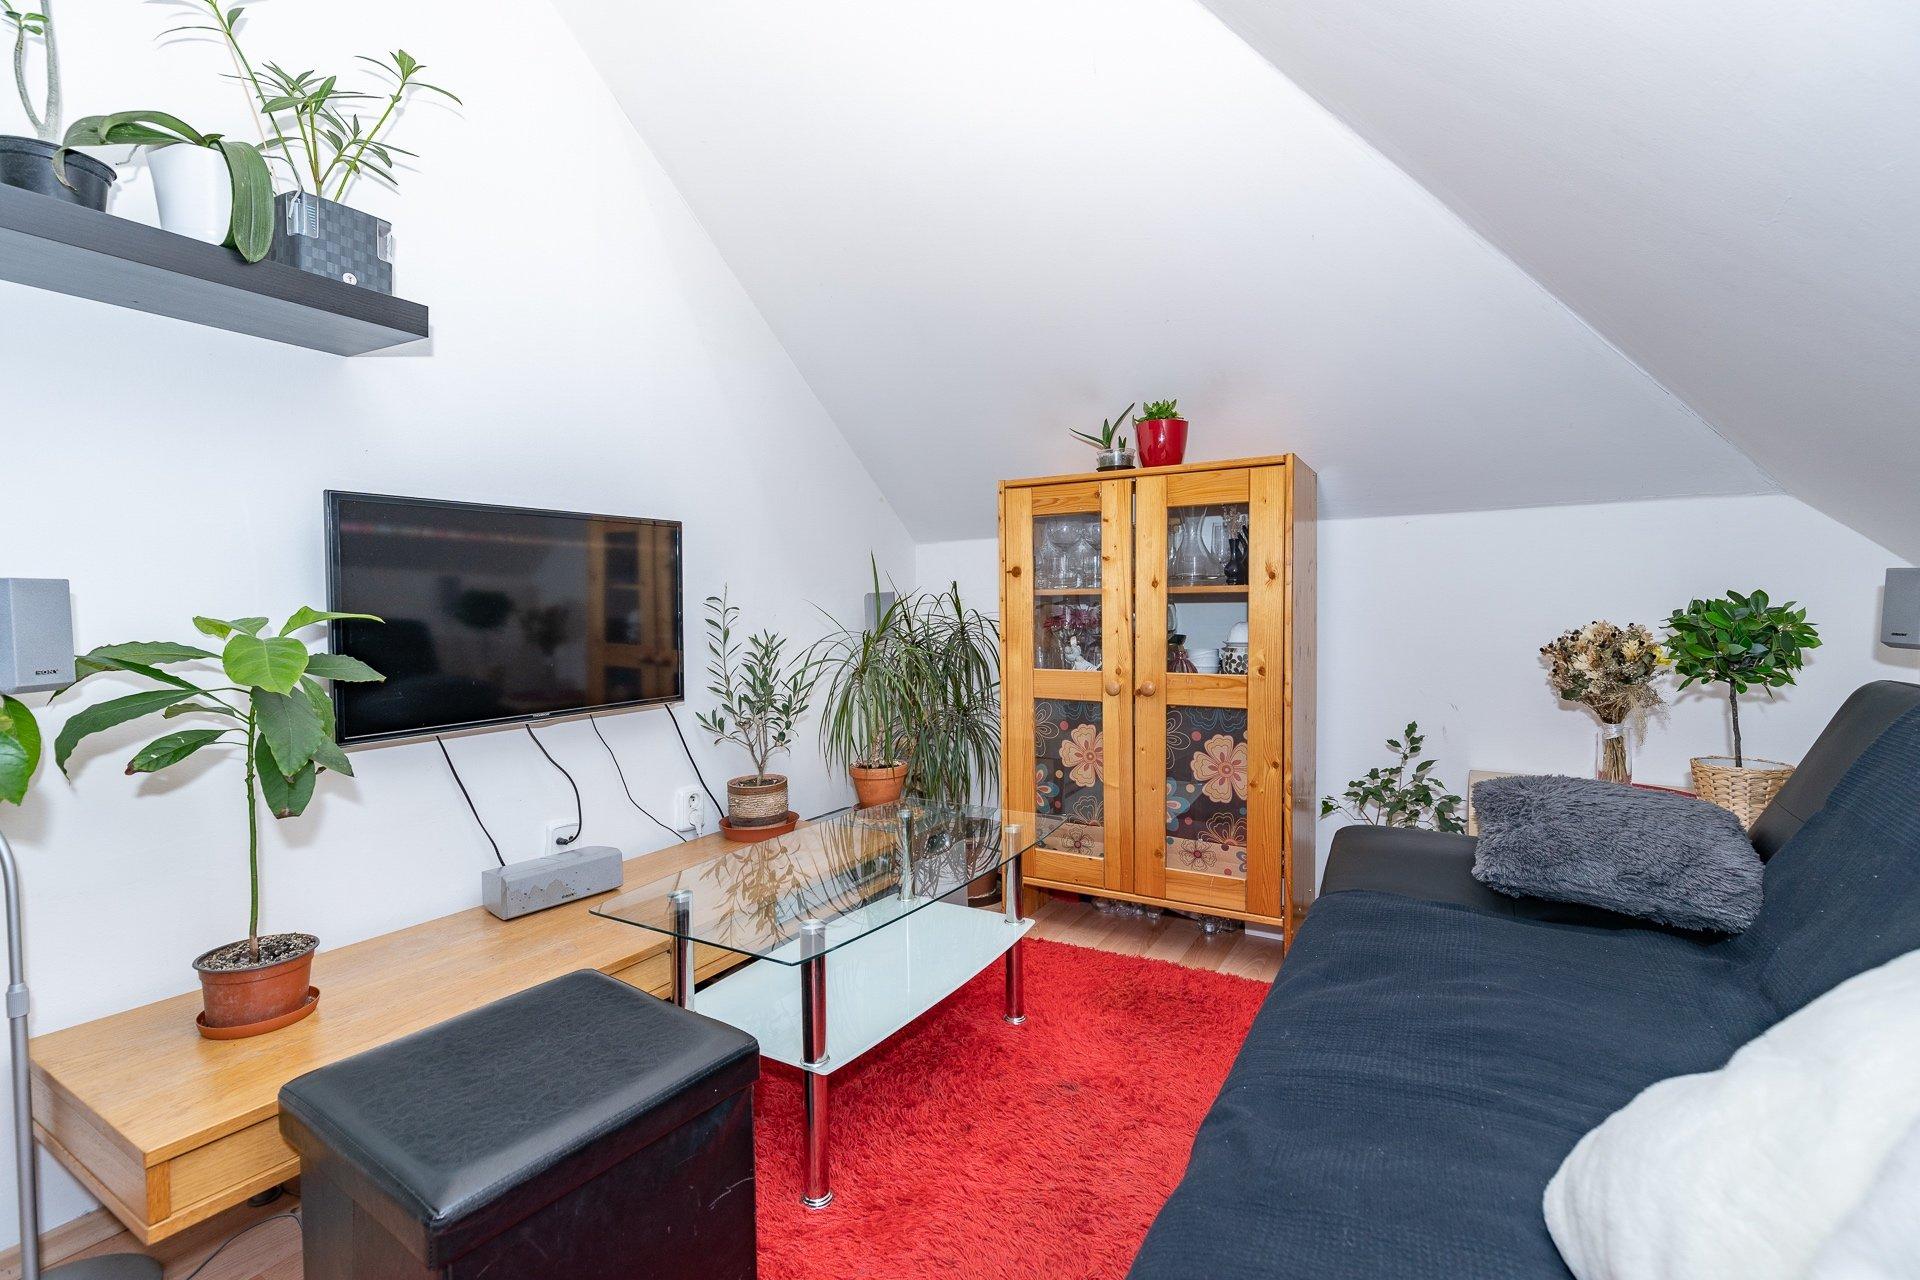 obývací pokoj s TV, konferenčním stolkem a pohovkou